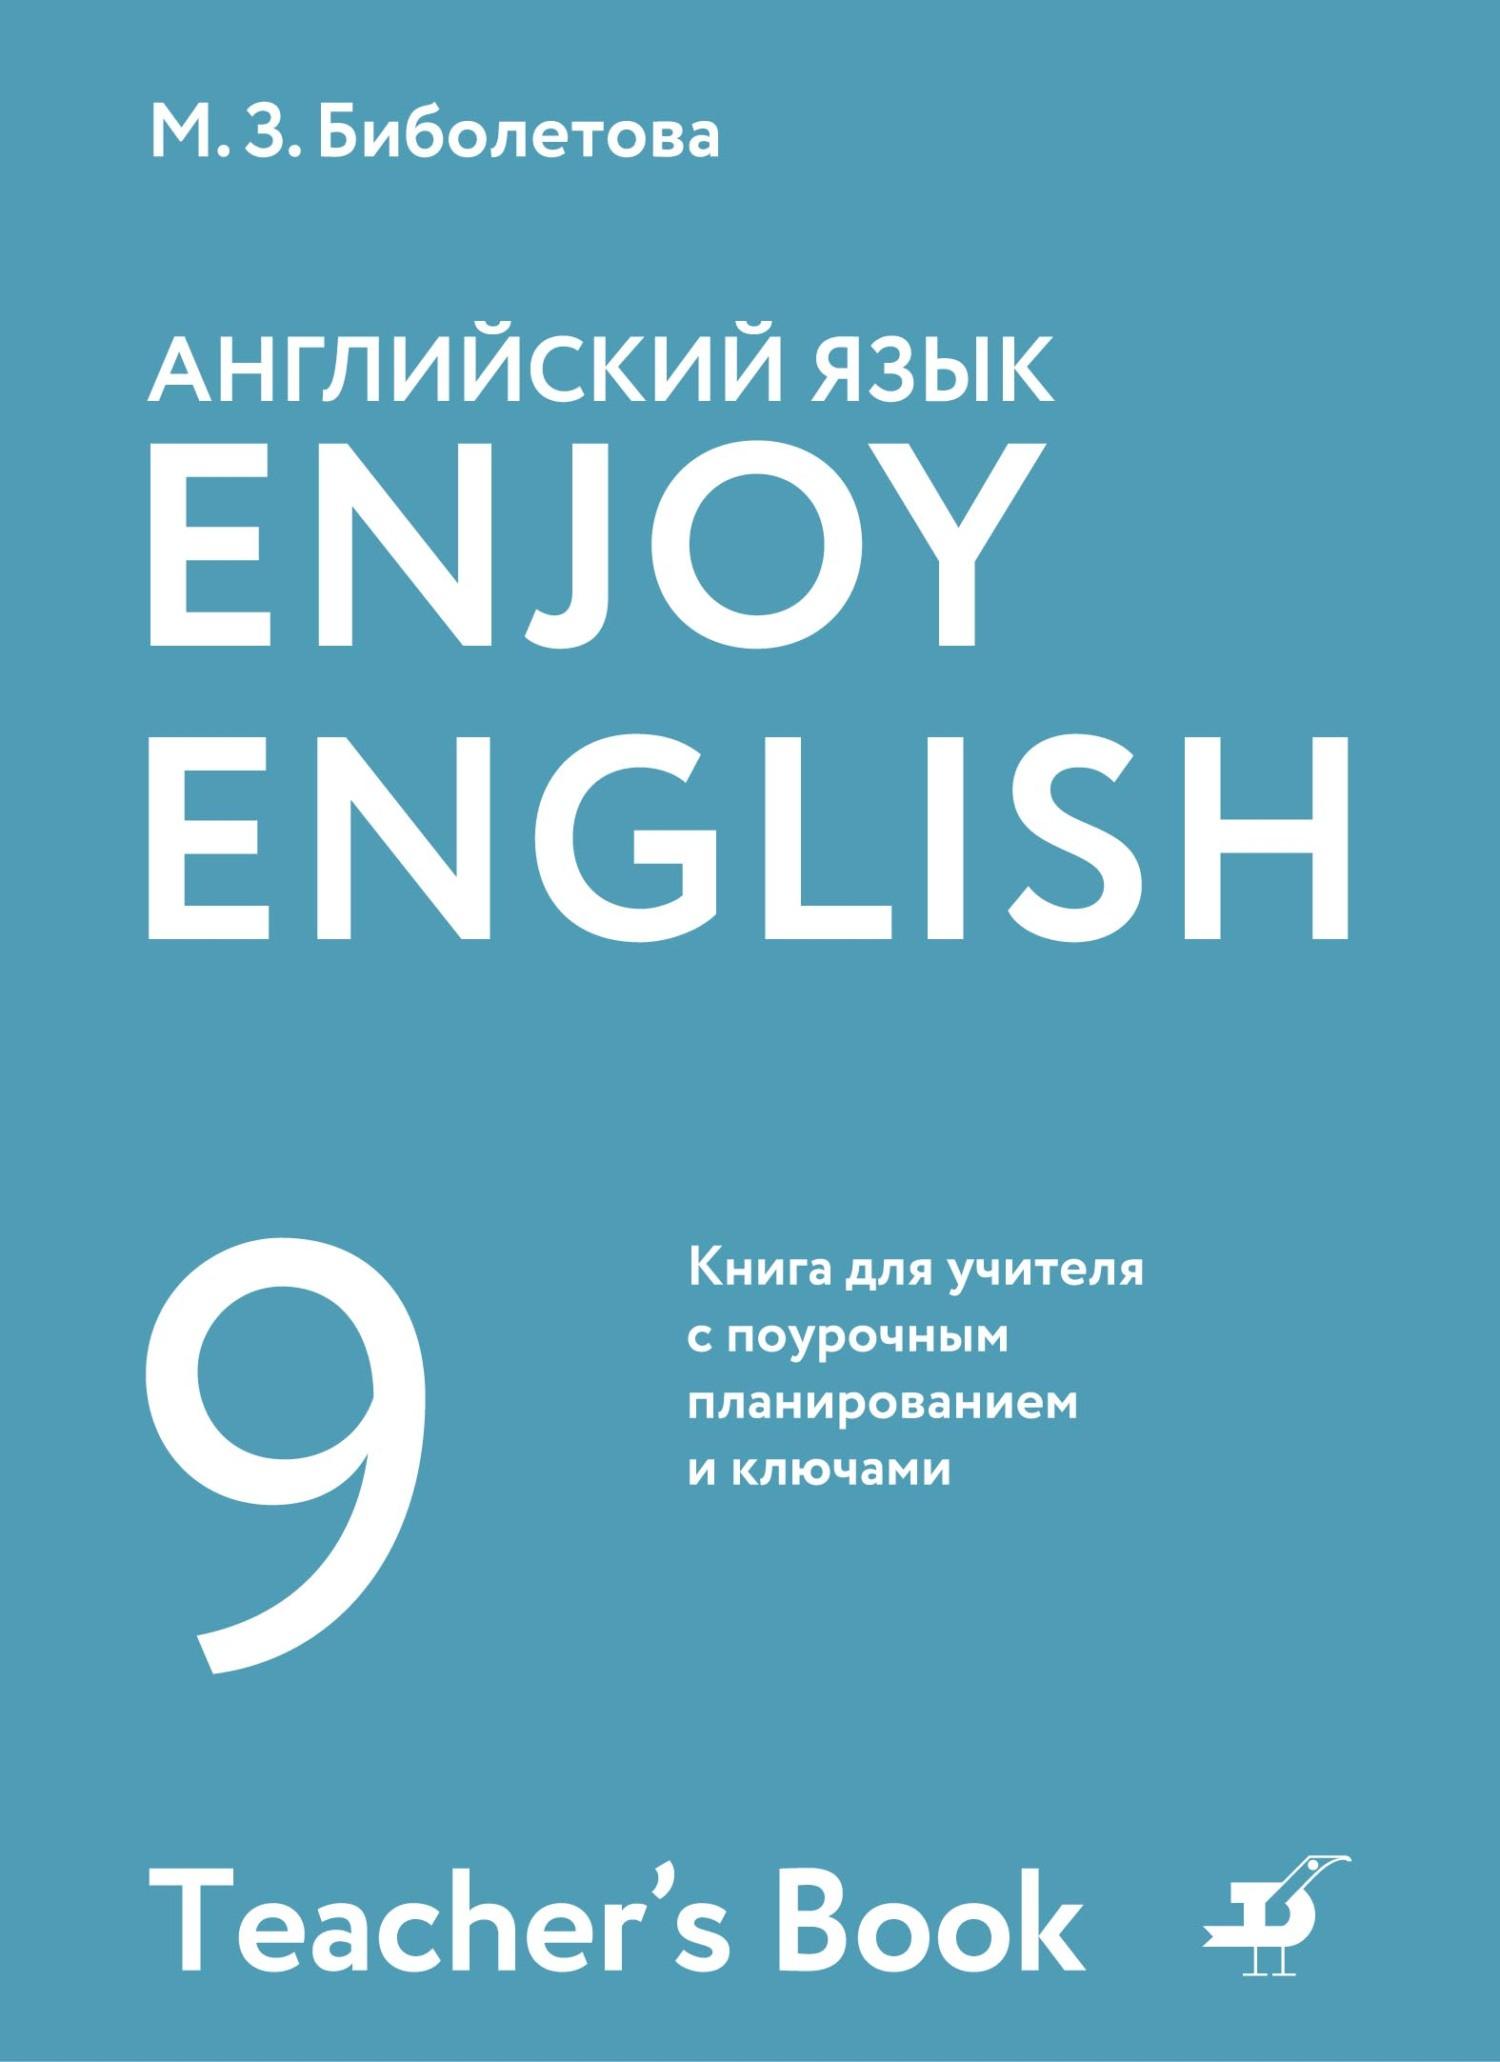 М. З. Биболетова Enjoy English / Английский с удовольствием. 9 класс. Книга для учителя биболетова м з enjoy english английский с удовольствием 2 класс учебник